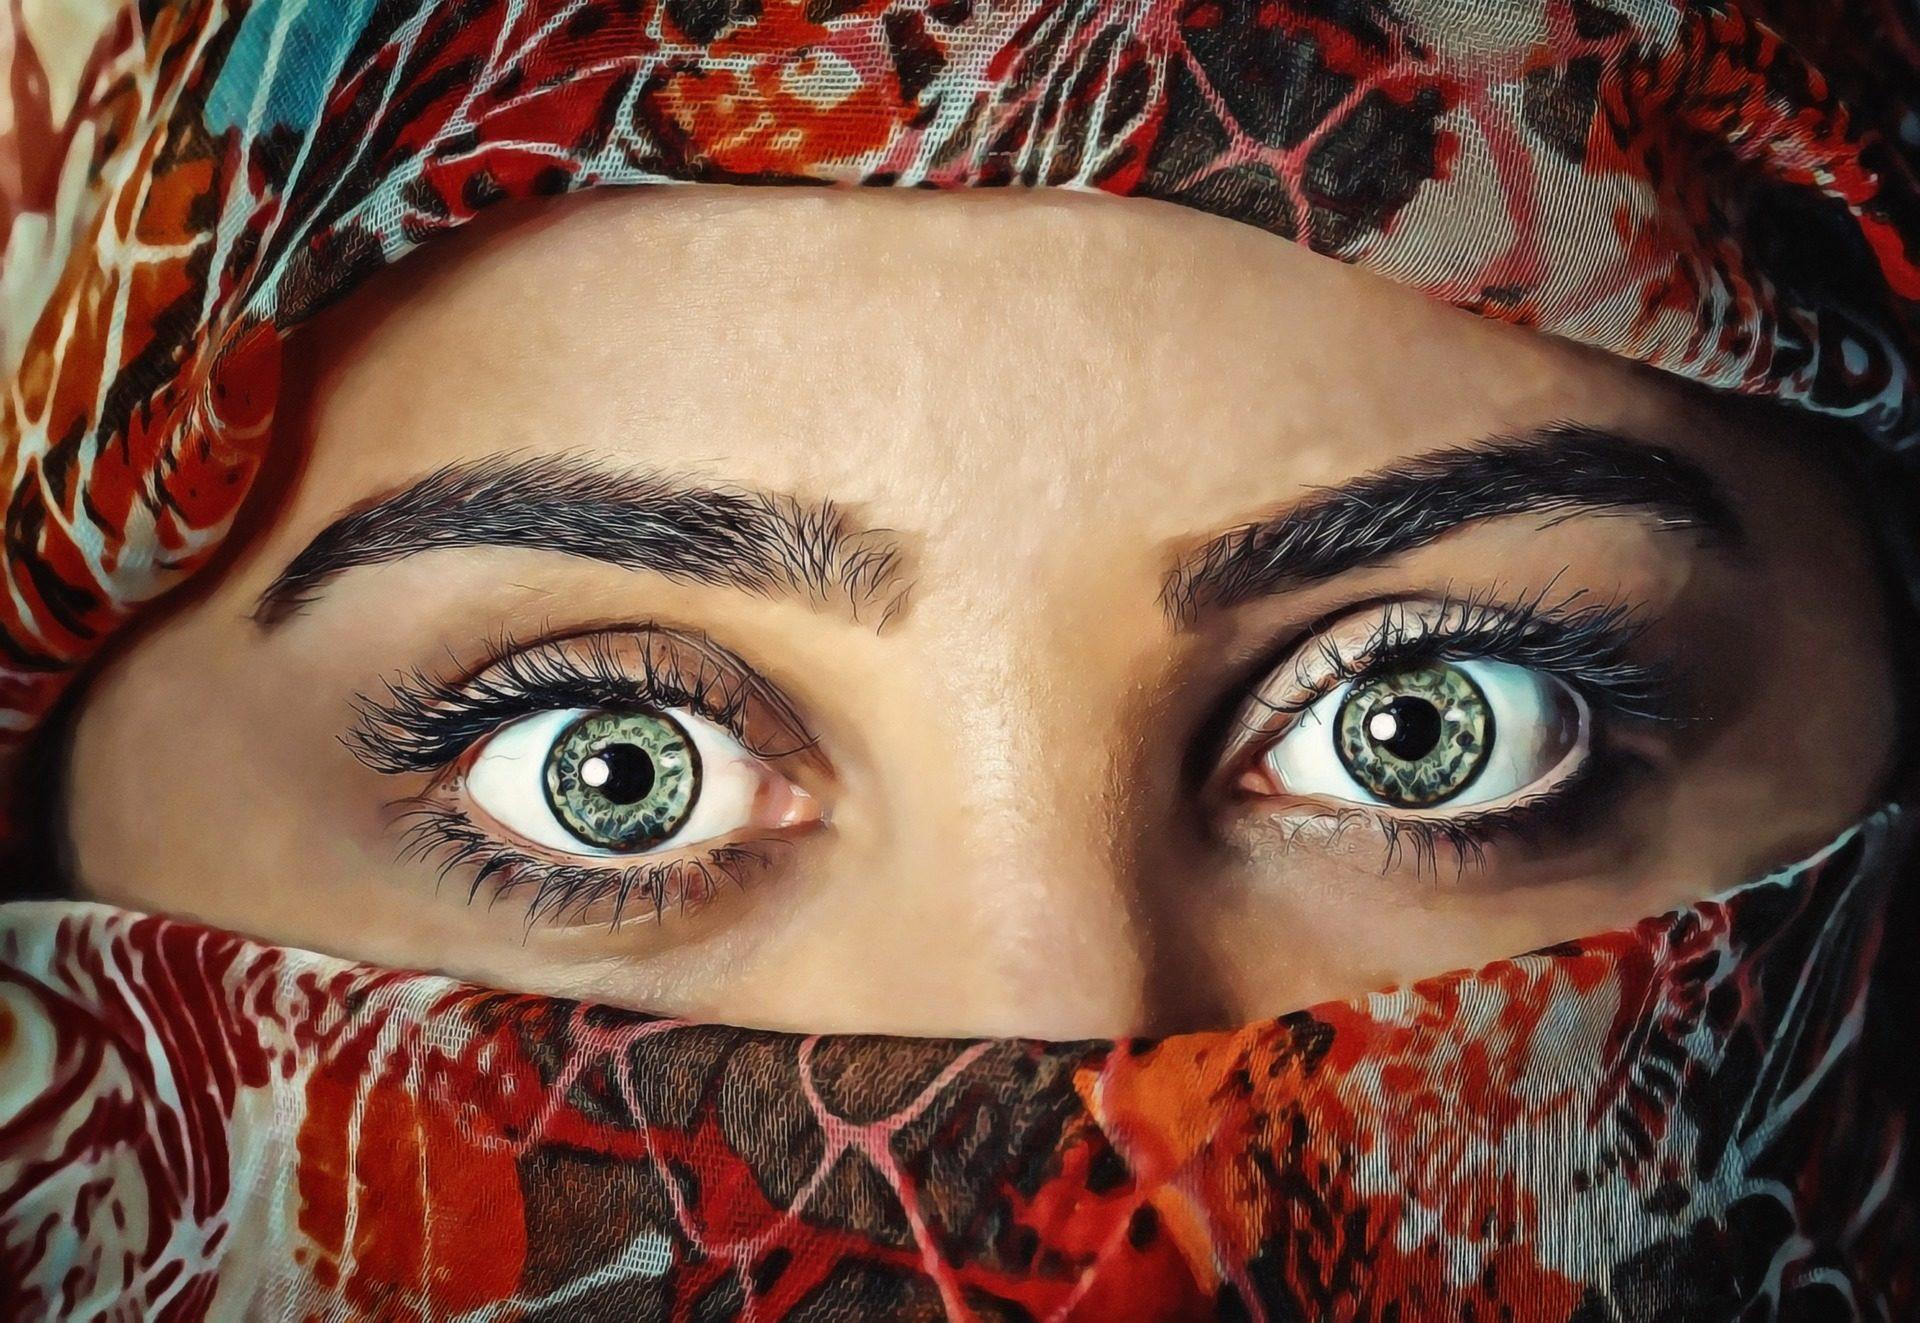 بالصور اجمل عيون النساء , عيون نساء ساحرة الجمال 4109 9